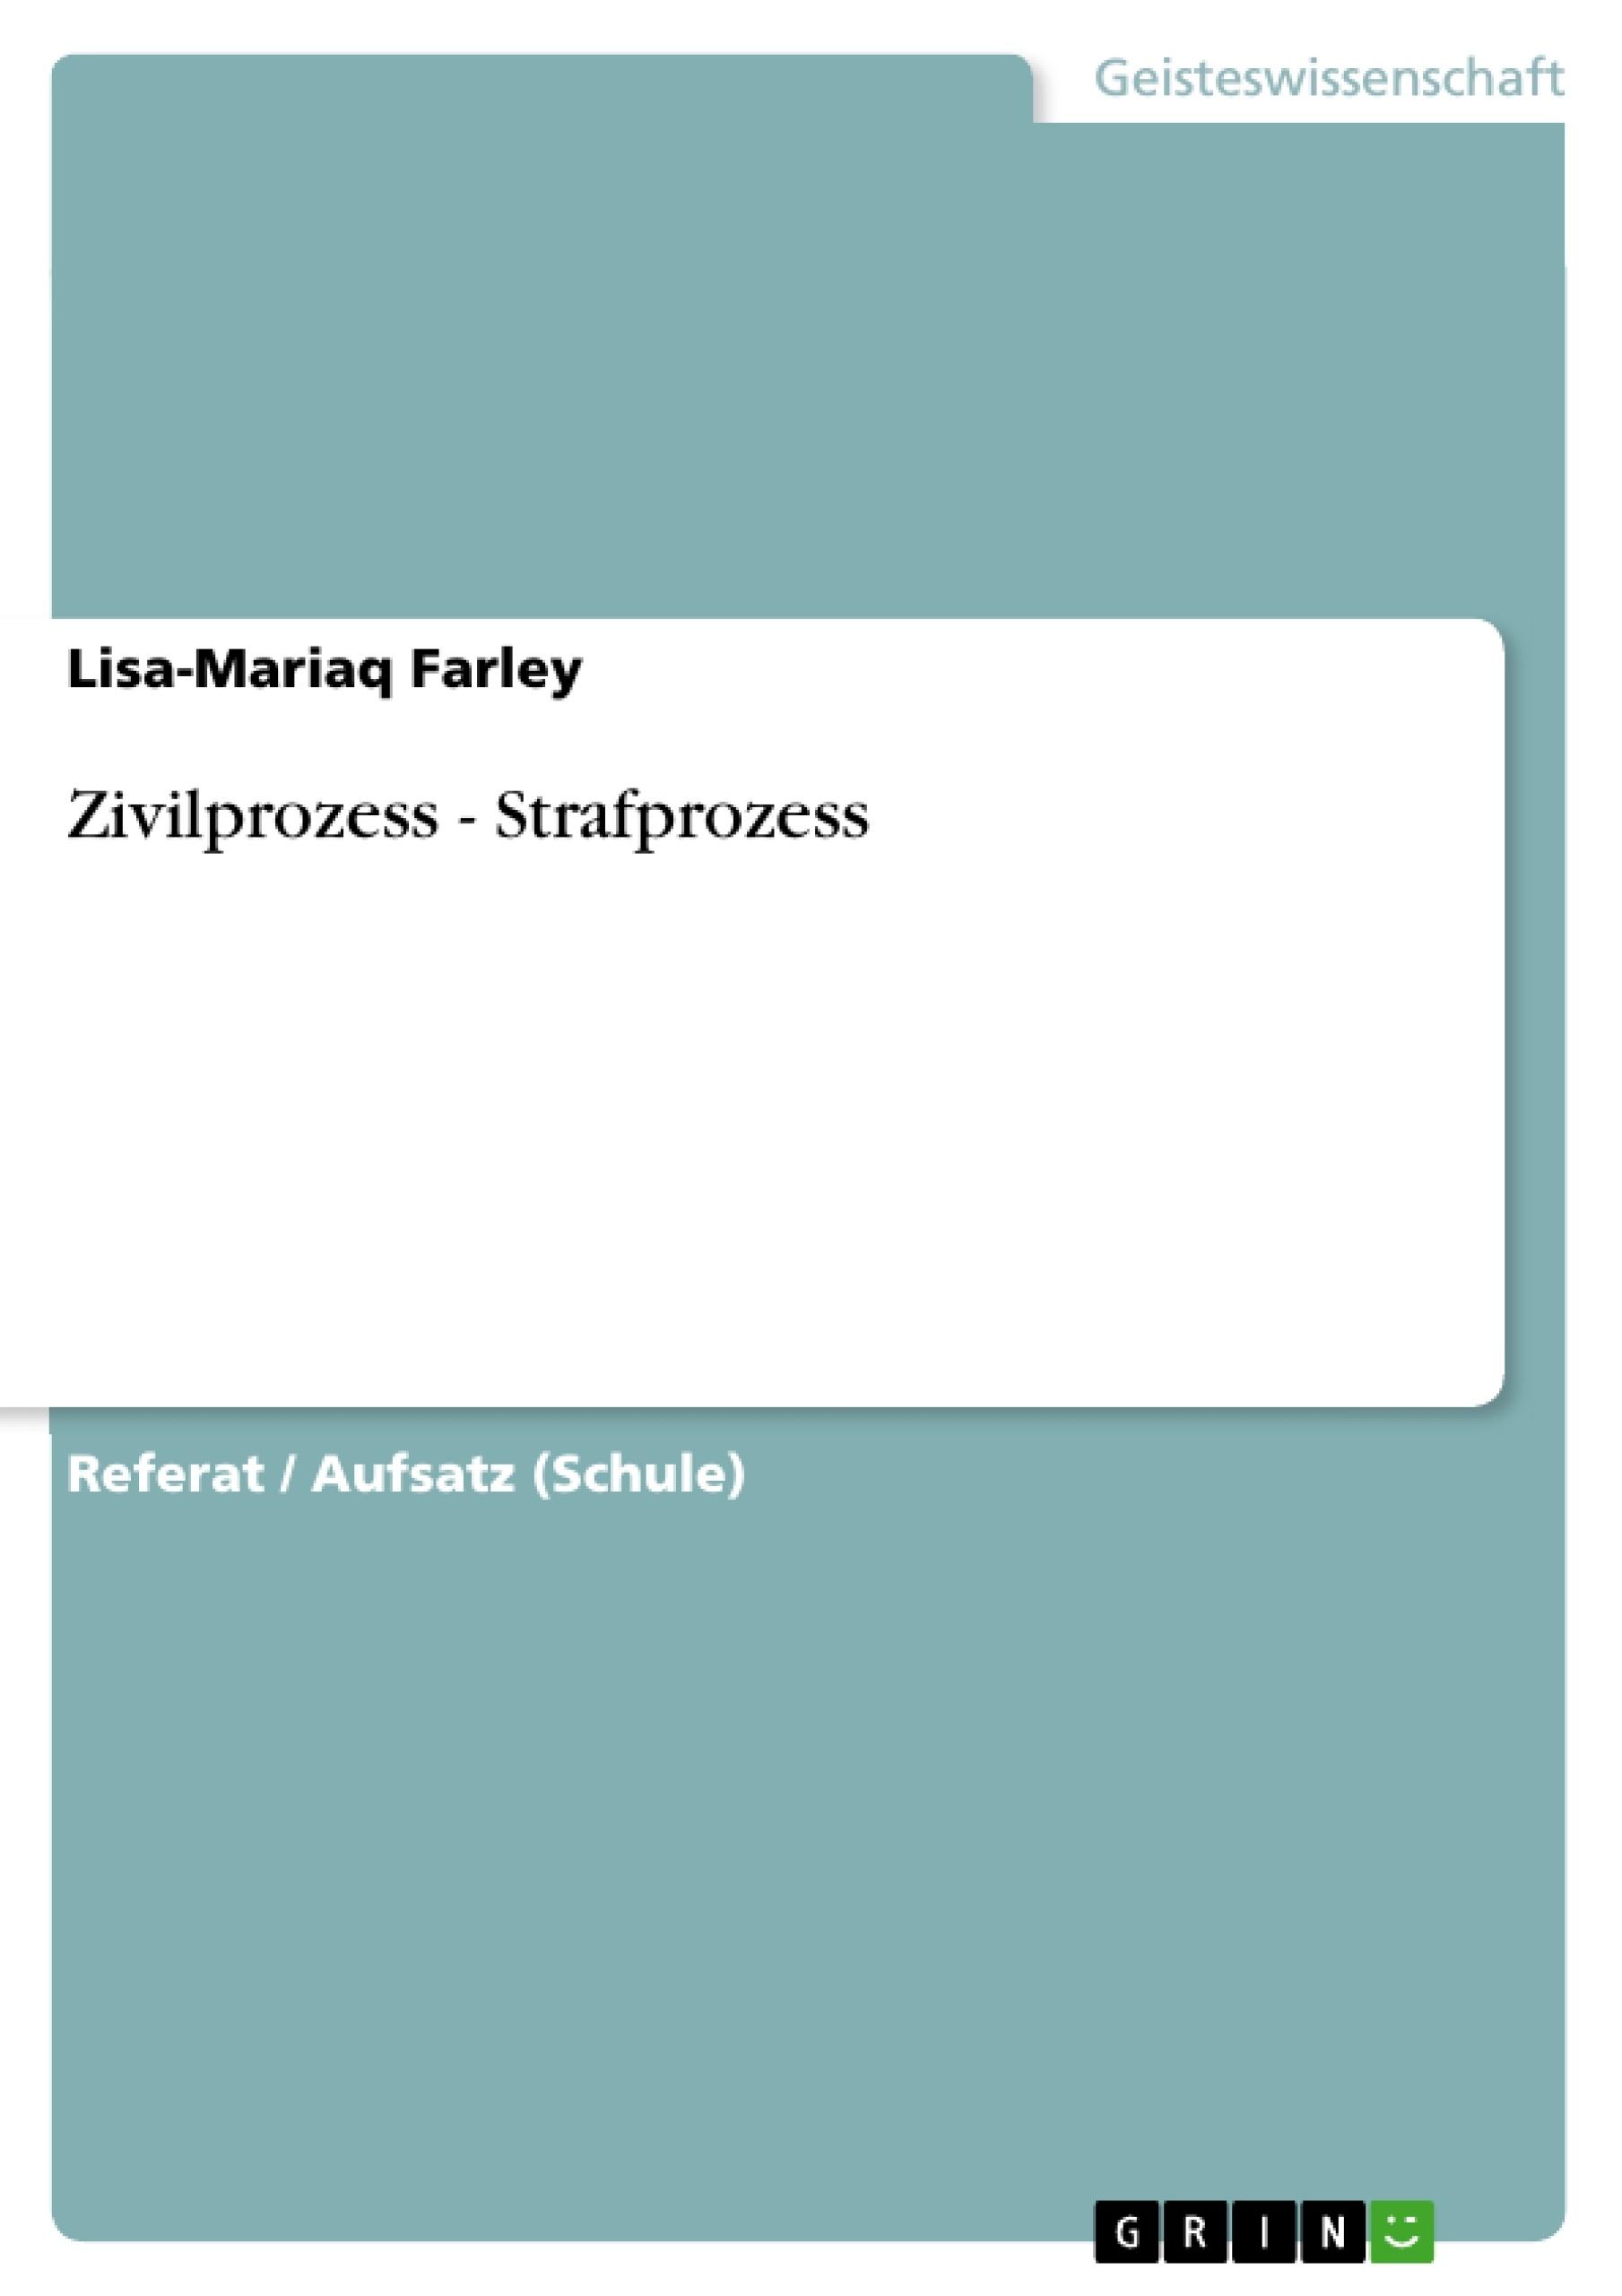 Titel: Zivilprozess - Strafprozess